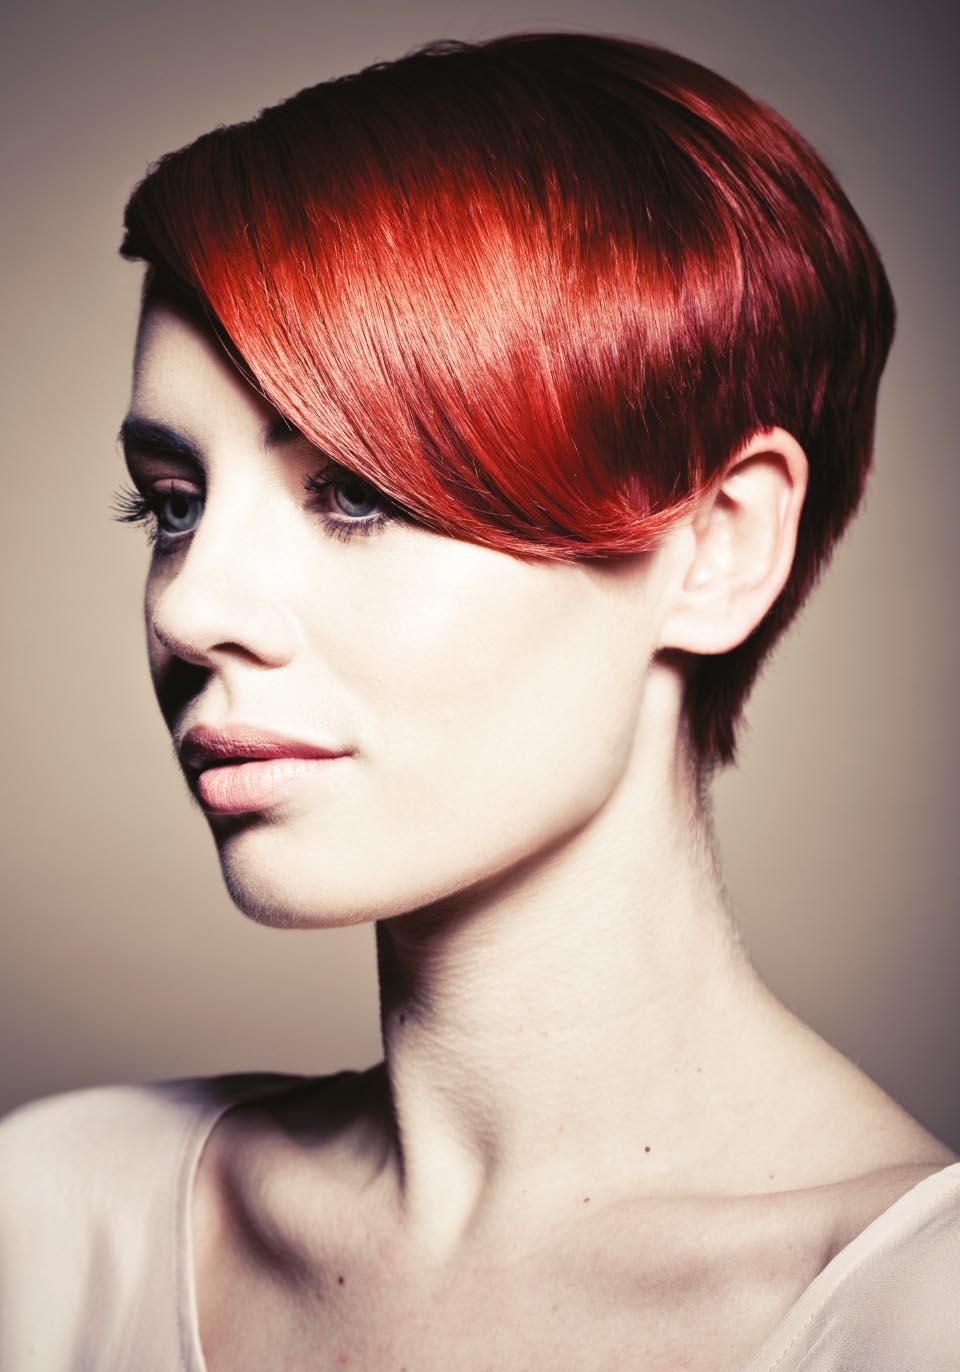 Hair-Salon-Branding-Goring-AlbertFields-RedHairstyle